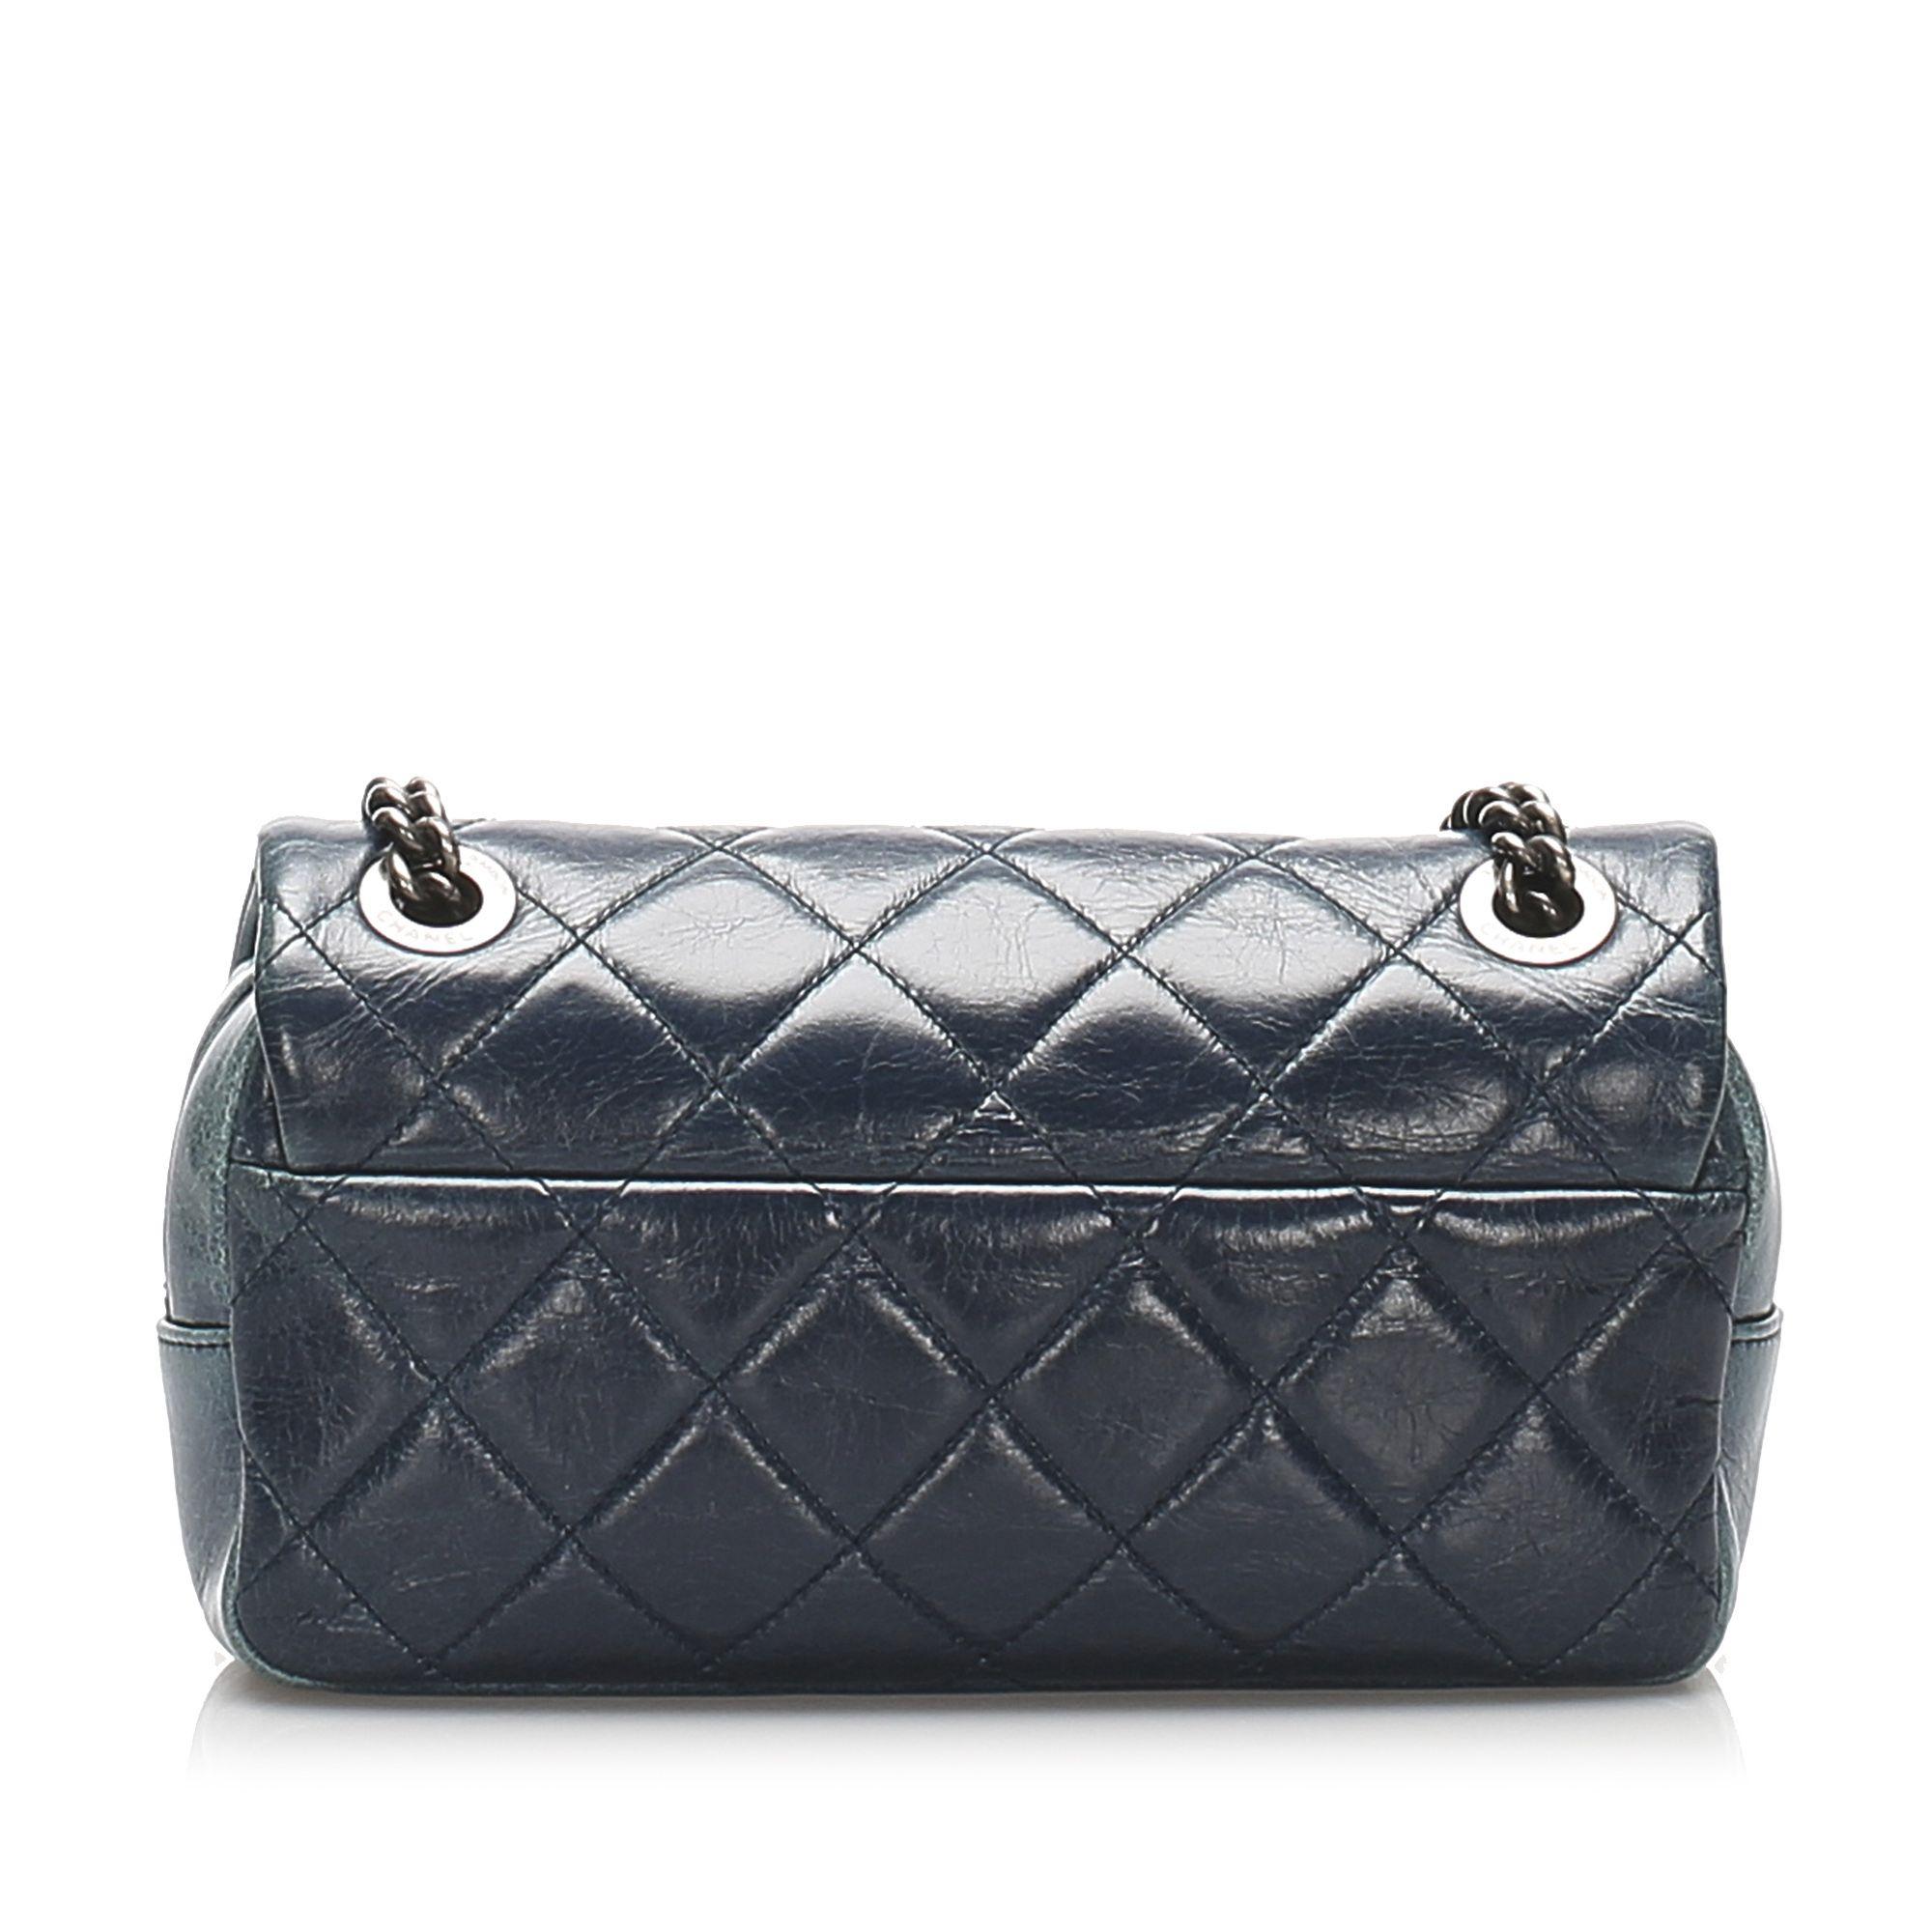 Vintage Chanel Mini Matelasse Leather Flap Shoulder Bag Blue